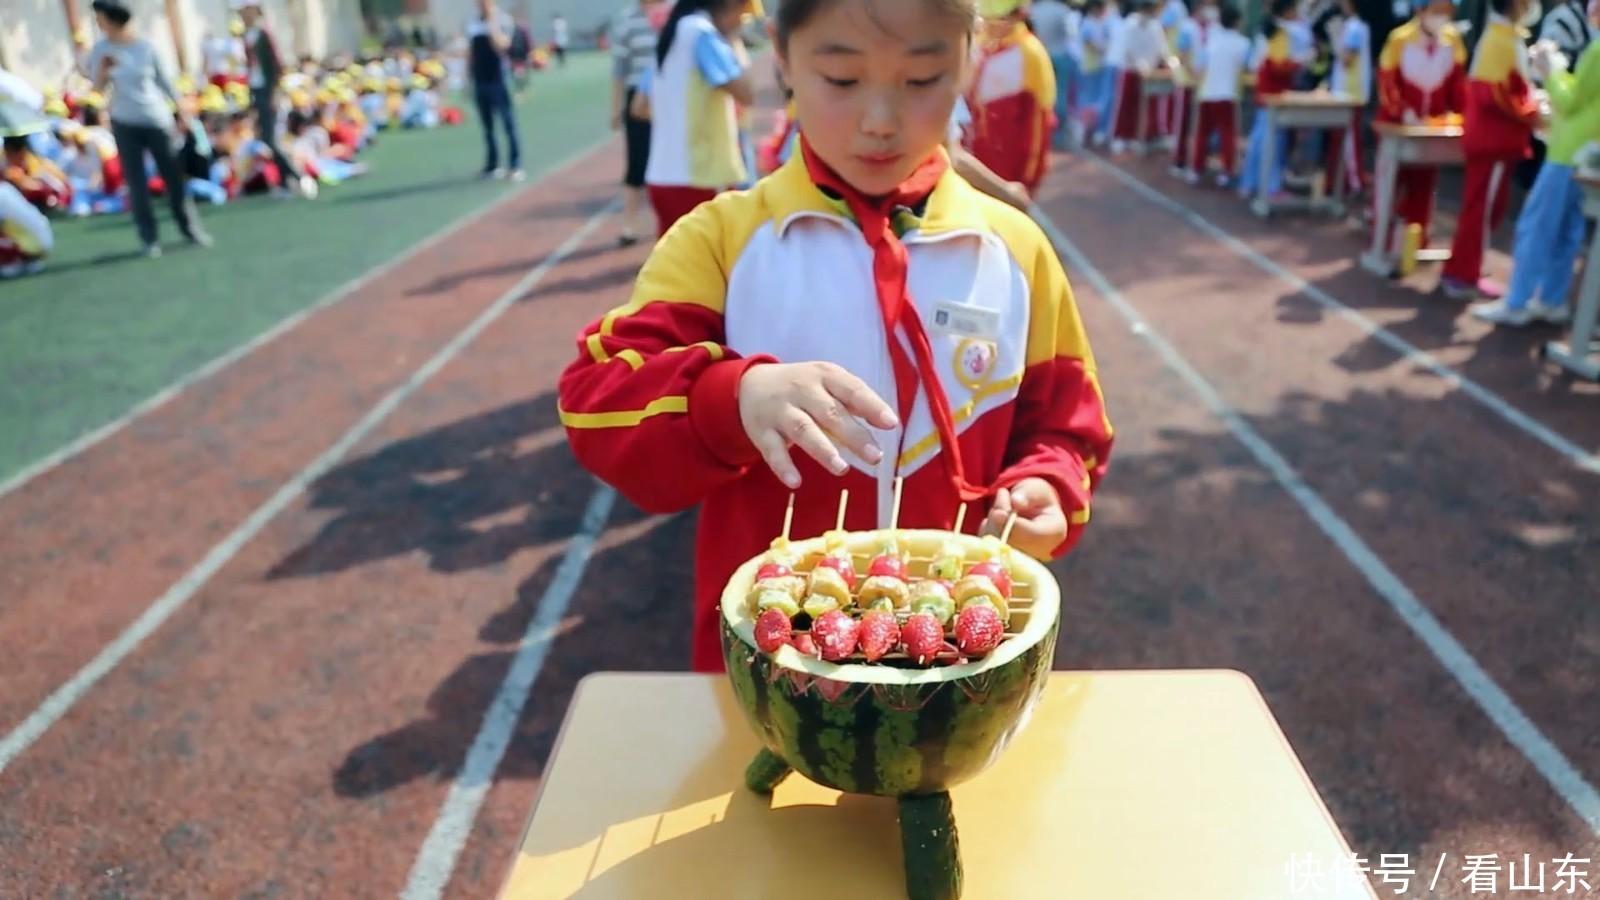 """运动会小学生比拼""""创意果盘"""" 花式繁多堪比大厨图片"""